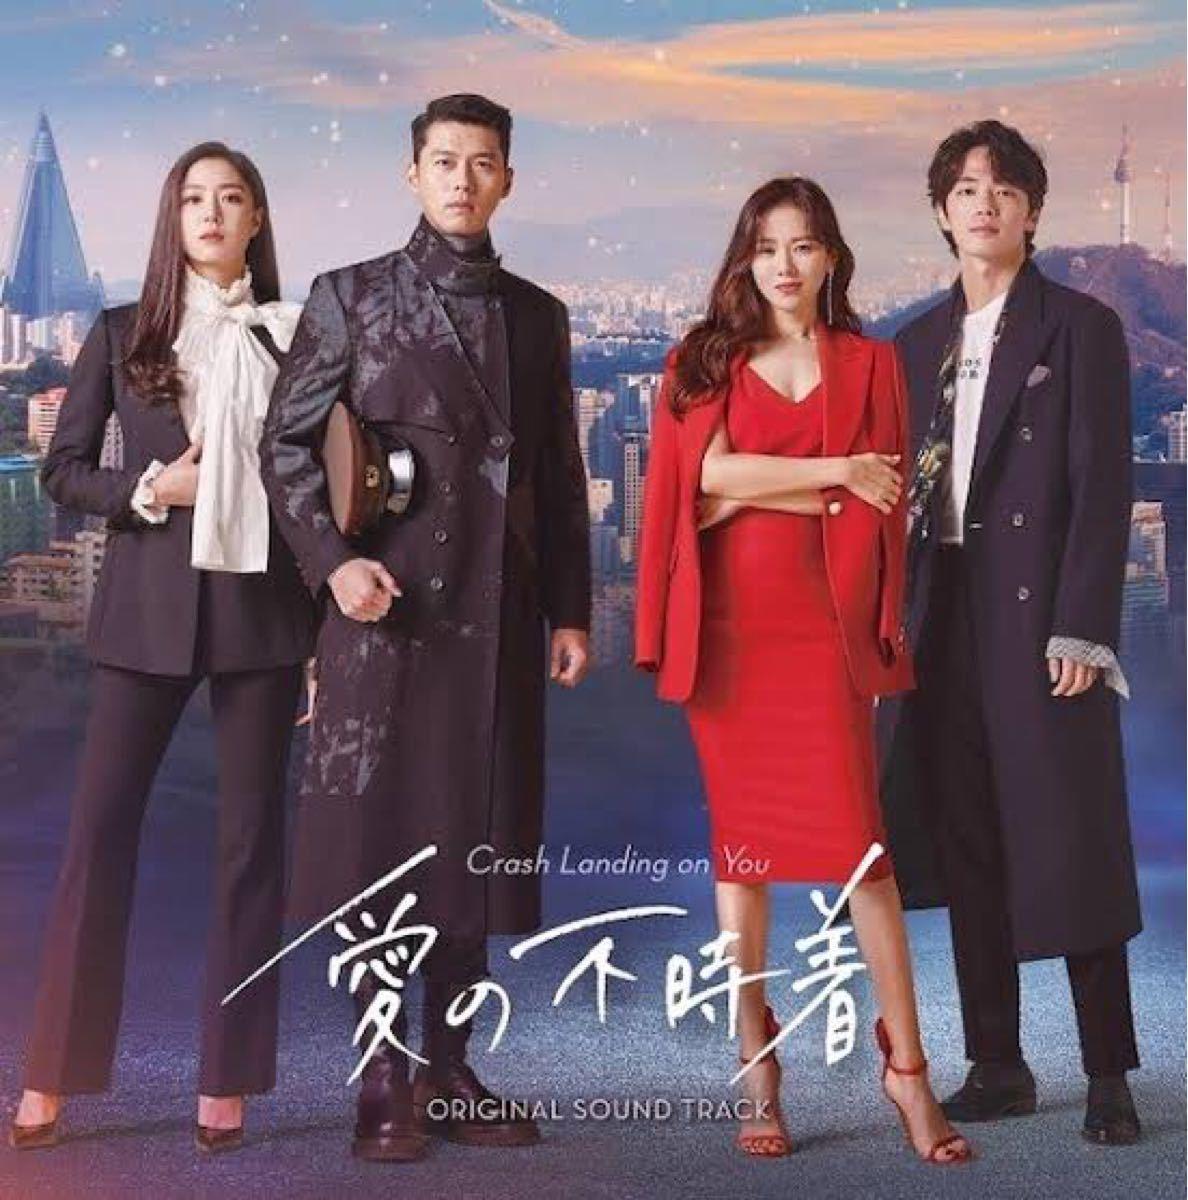 【愛の不時着】韓国ドラマ/Blu-rayブルーレイ全話収録!2〜3日で発送★